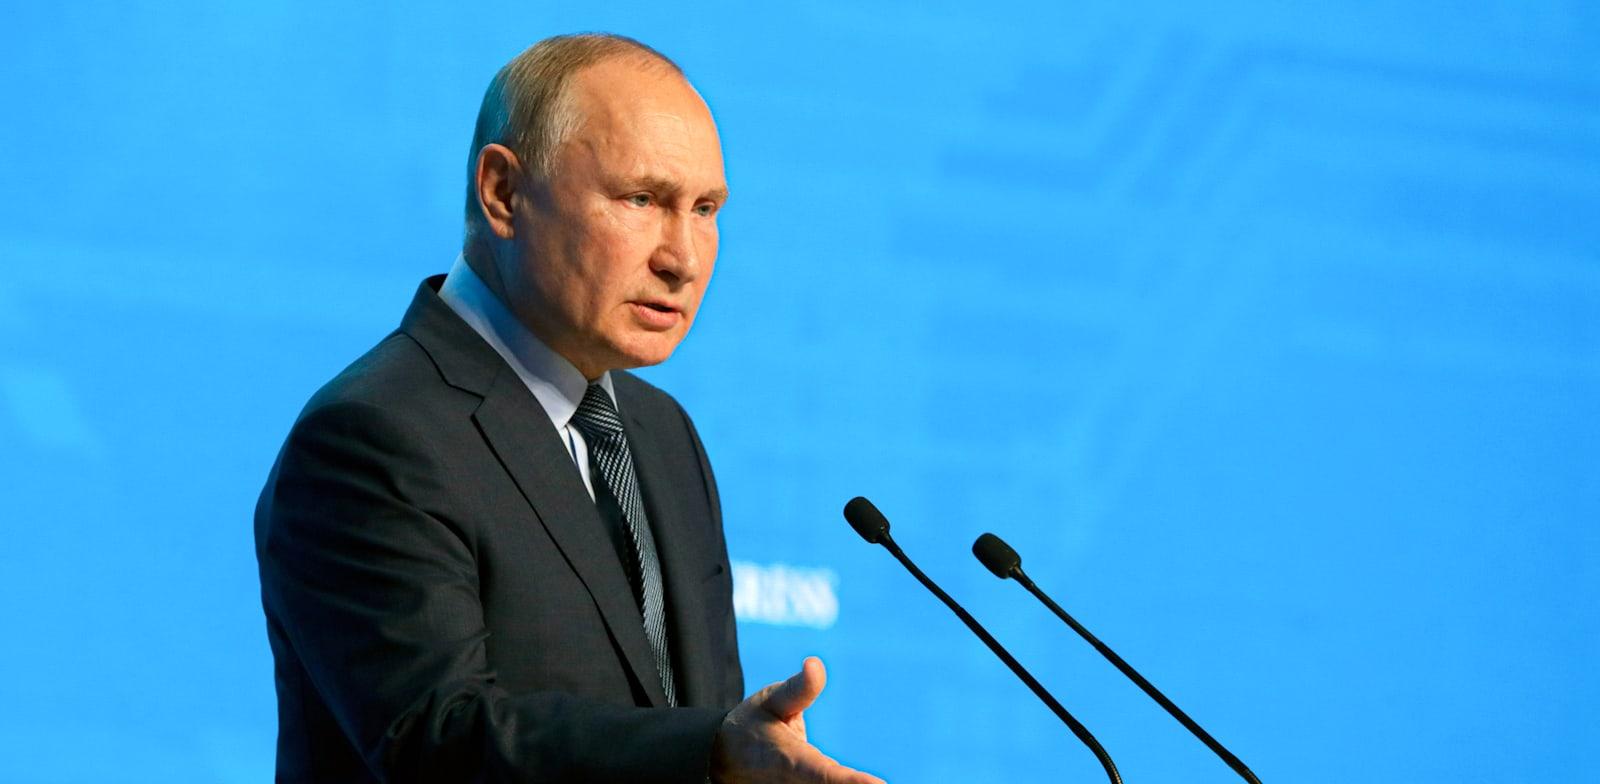 ולדימיר פוטין נואם במסגרת אירועי שבוע האנרגיה של רוסיה, אתמול / צילום: Associated Press, Mikhail Metzel, Sputnik, Kremlin Pool